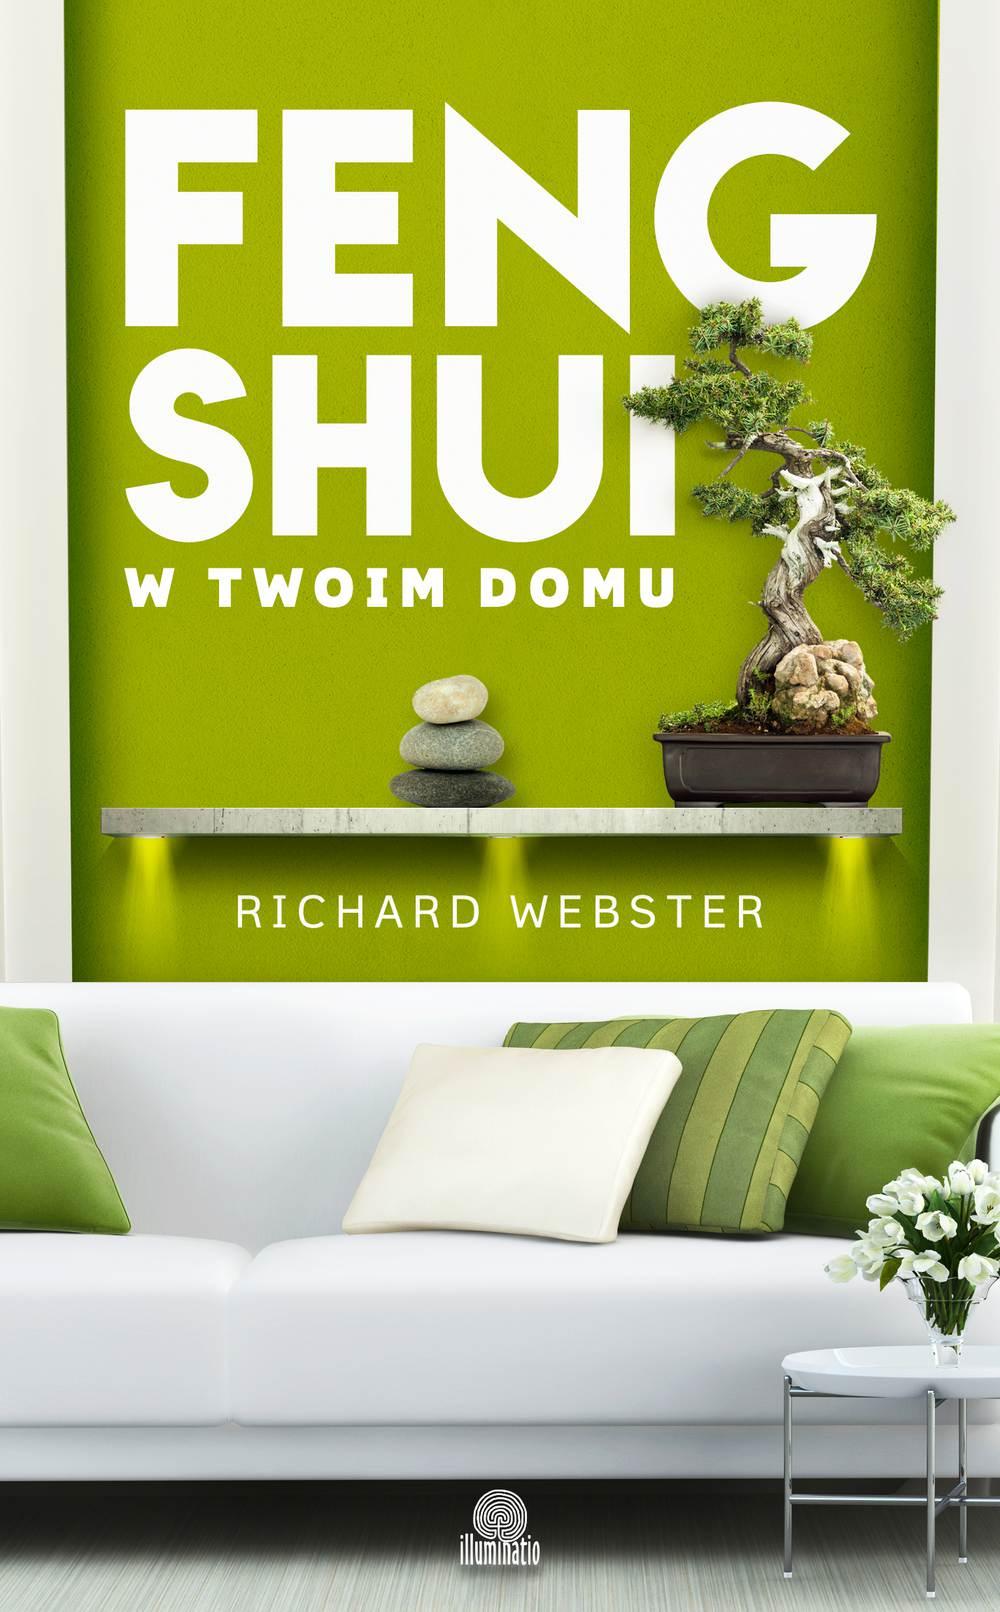 Feng shui w twoim domu - Ebook (Książka na Kindle) do pobrania w formacie MOBI